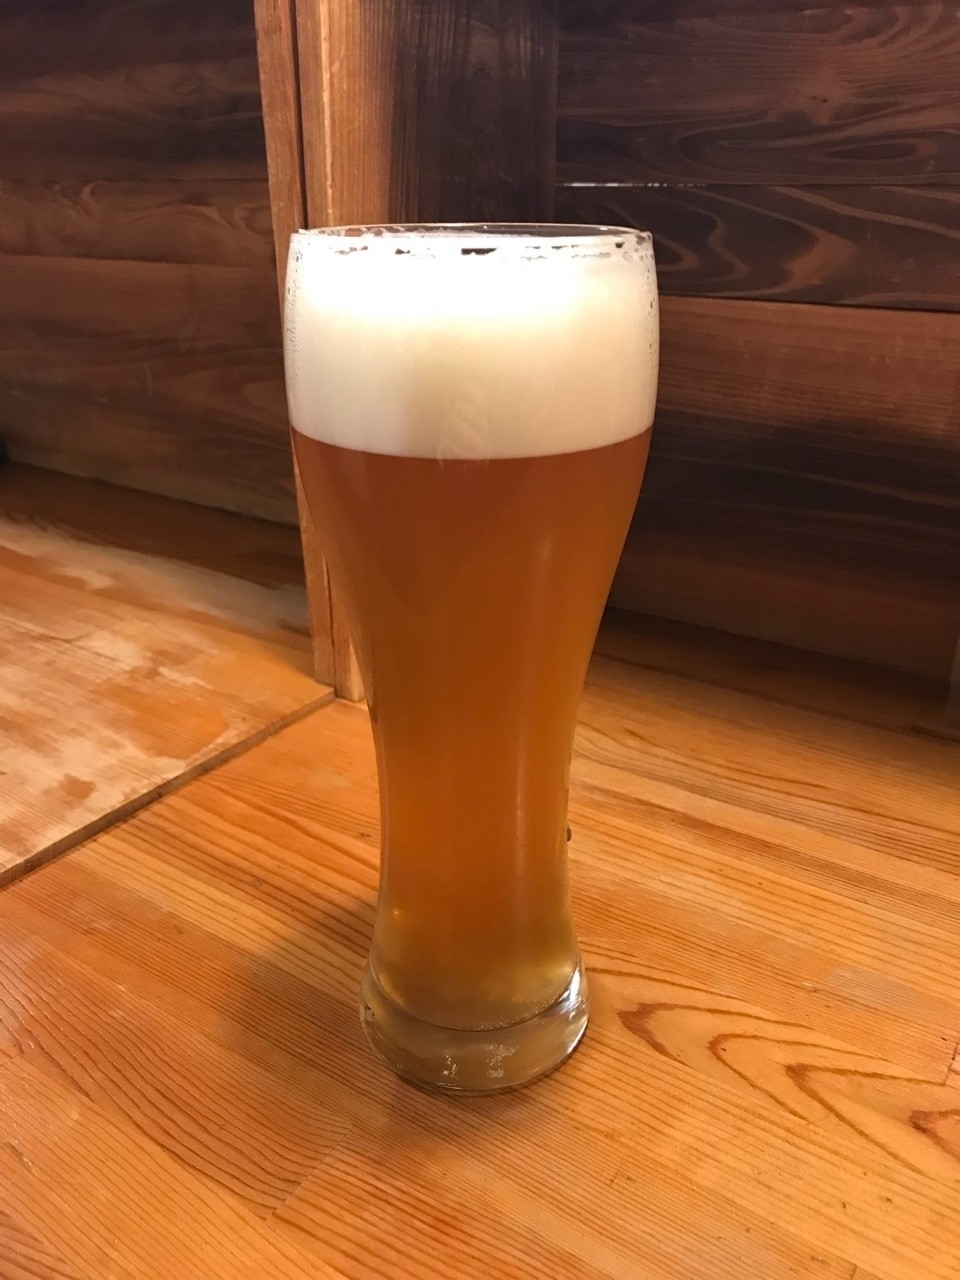 #beer #bier #birra #cerveza #pivo #ビール #麦酒 #酒